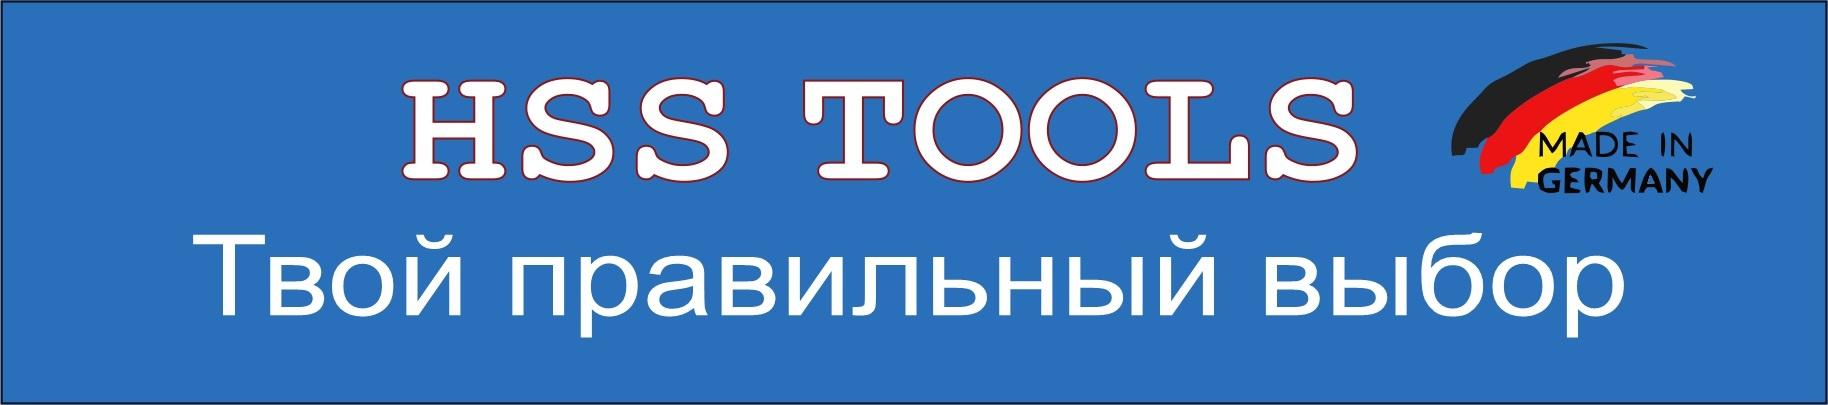 Магазин металлорежущего инструмента HSS TOOLS